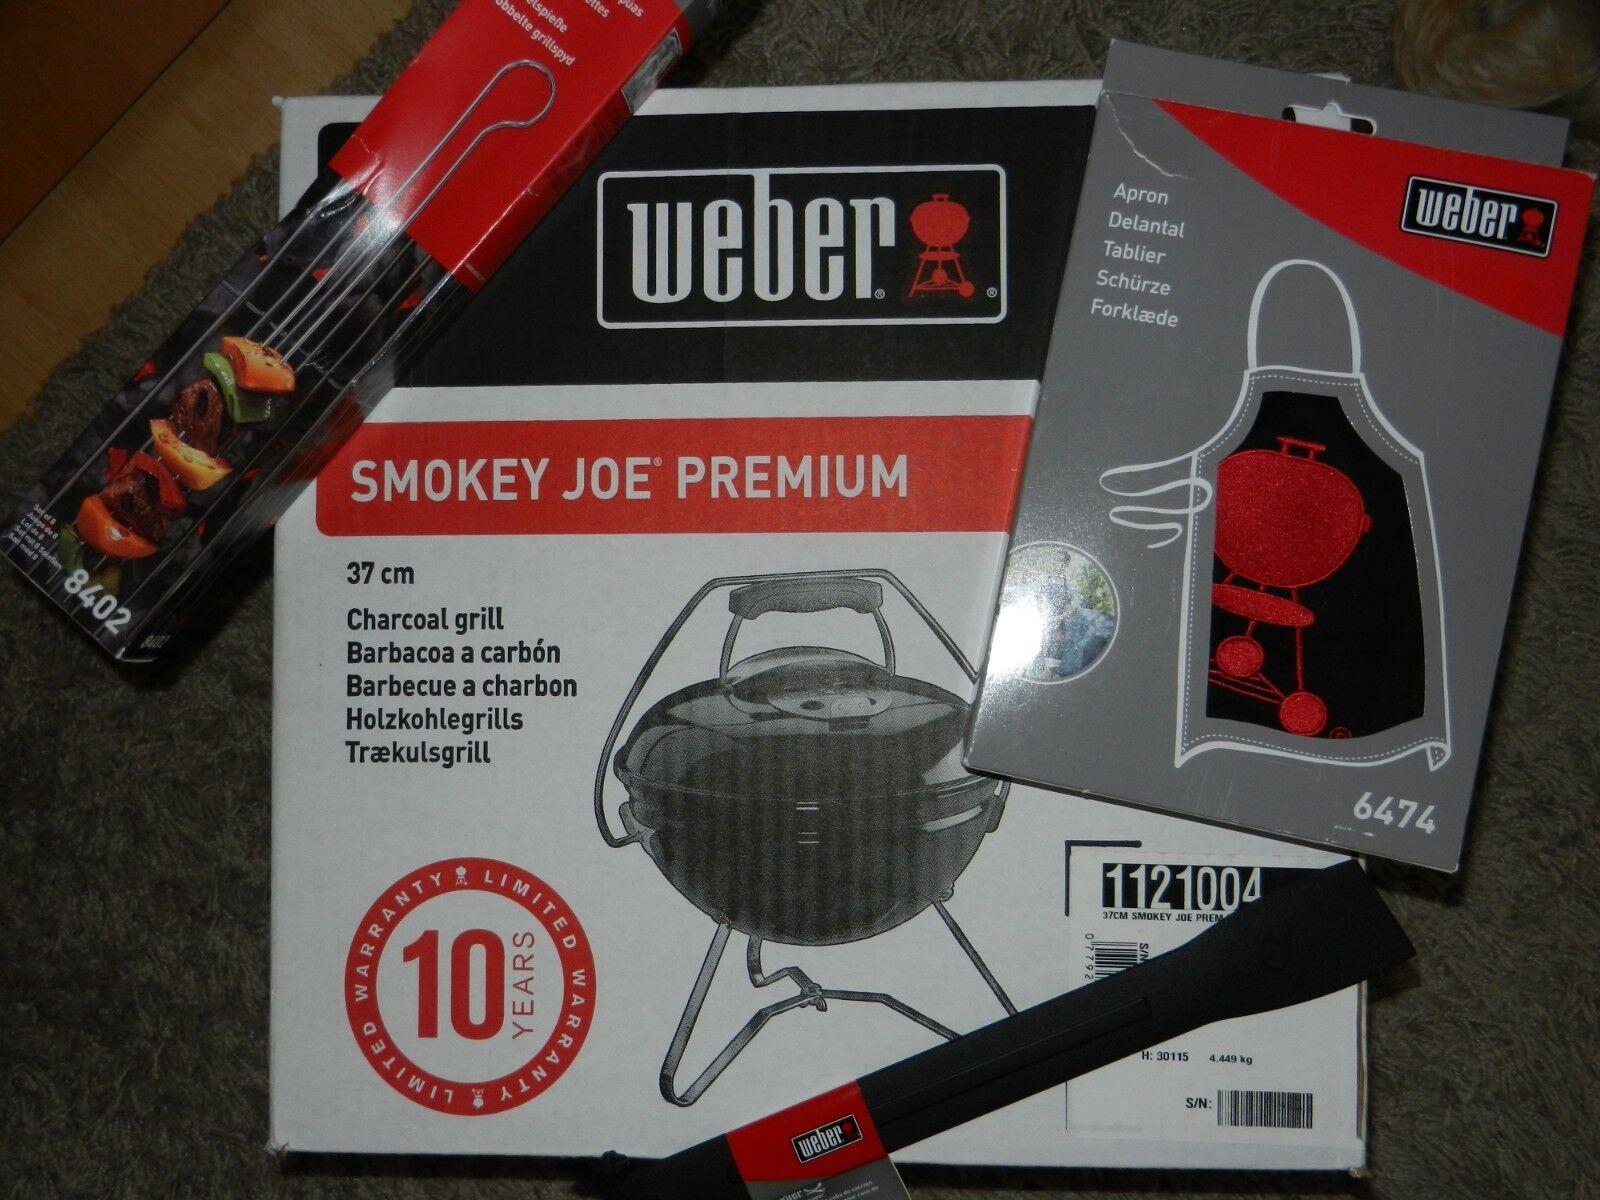 Weber Holzkohlegrill Smokey Joe Test : Weber grill 37 test vergleich weber grill 37 günstig kaufen!